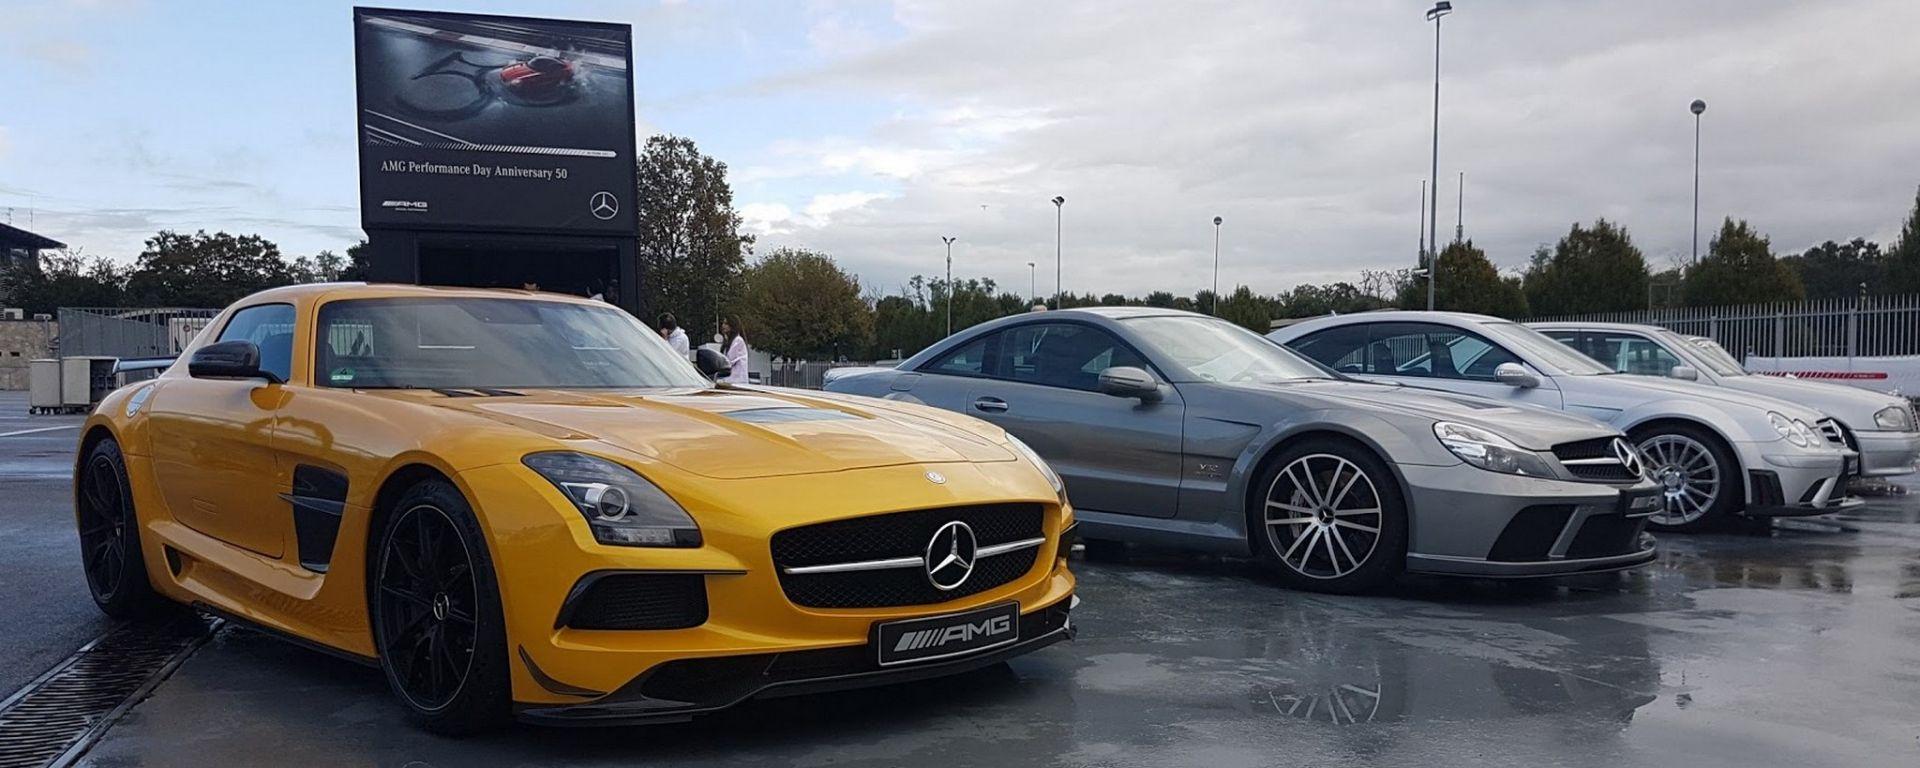 Mercedes AMG festeggia i 50 anni all'Autodromo di Monza